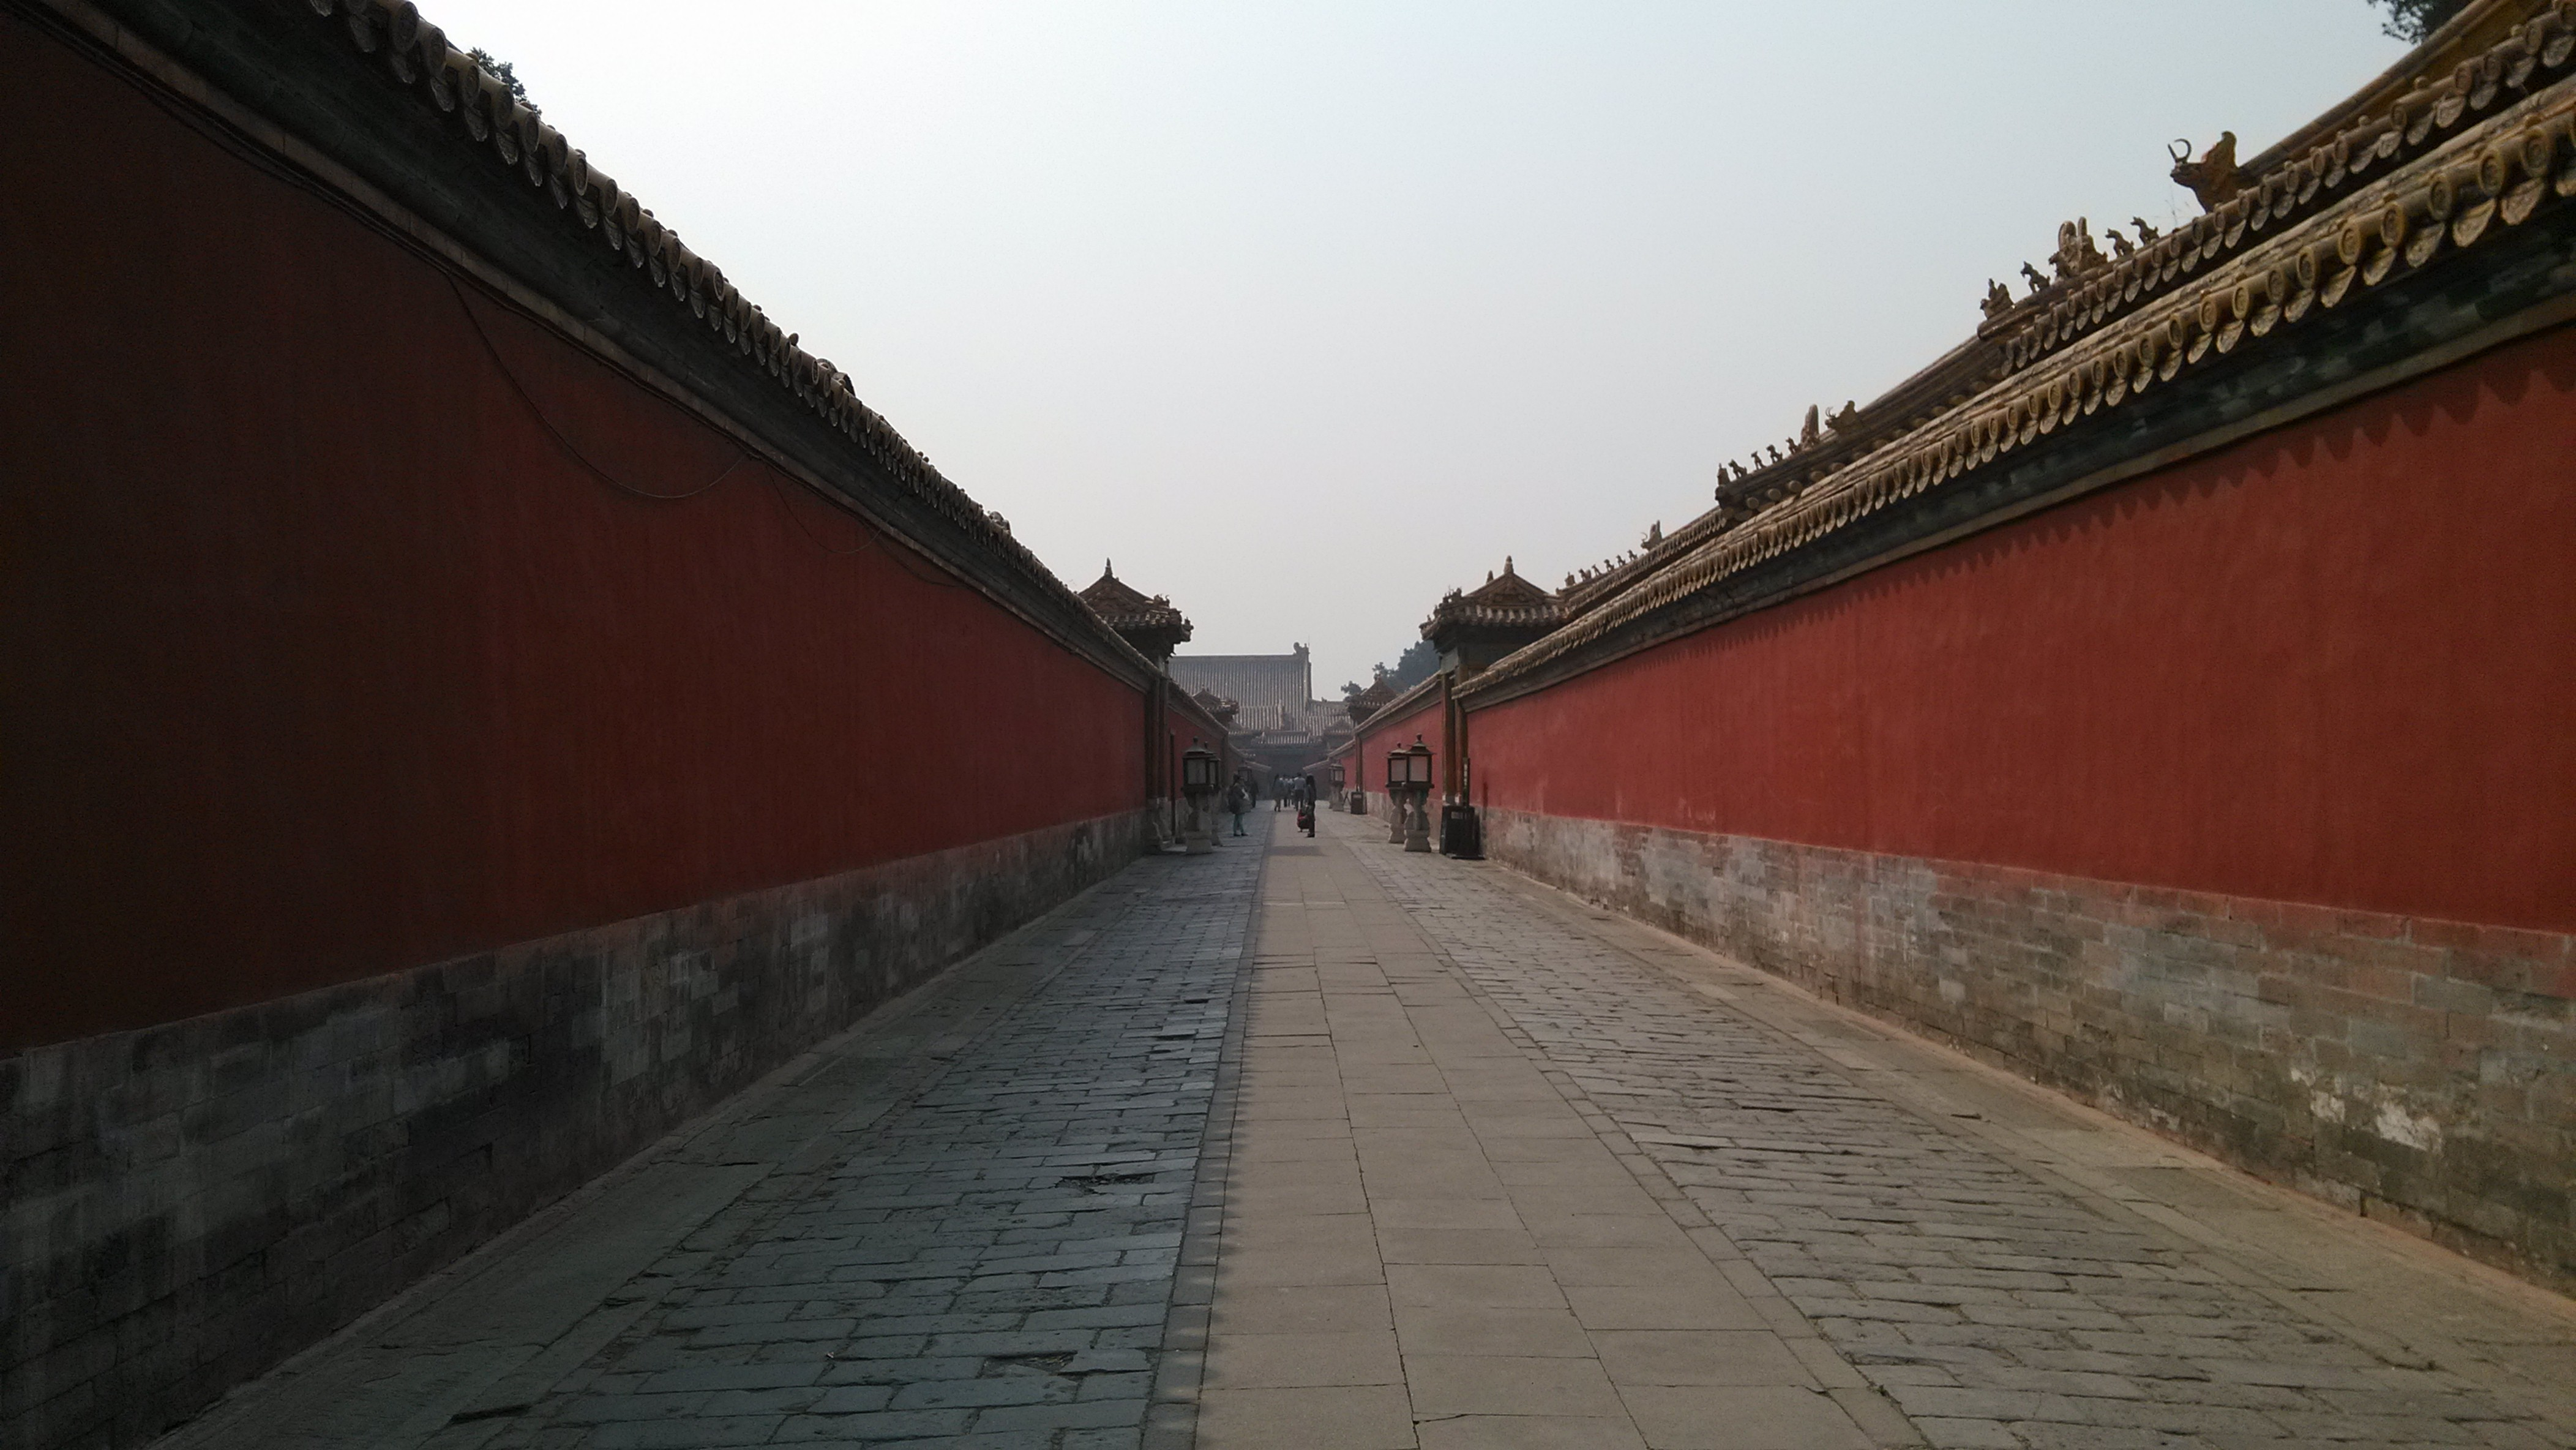 去故宮是在冬天,那一段時間北京的霧霾最嚴重,帶著剛買的尼康D90,拍出來的照片灰蒙蒙的,但是并不影響故宮帶給我的內心沖擊。隨著腳步的逐漸前移,你會感覺到古代王朝的強大,宮殿的宏偉,建筑的對稱和講究,感受到作為中國政治中心的故宮曾經的輝煌和榮耀。不得不說故宮之行是一次非常有意義的旅行,更是對中國古代政治文化的一個全面的認識,置身故宮當中,你就立馬能搞感覺到諸如《康熙王朝》這類電視劇帶給你的沖擊,而這種沖擊是現實的,是真實的。